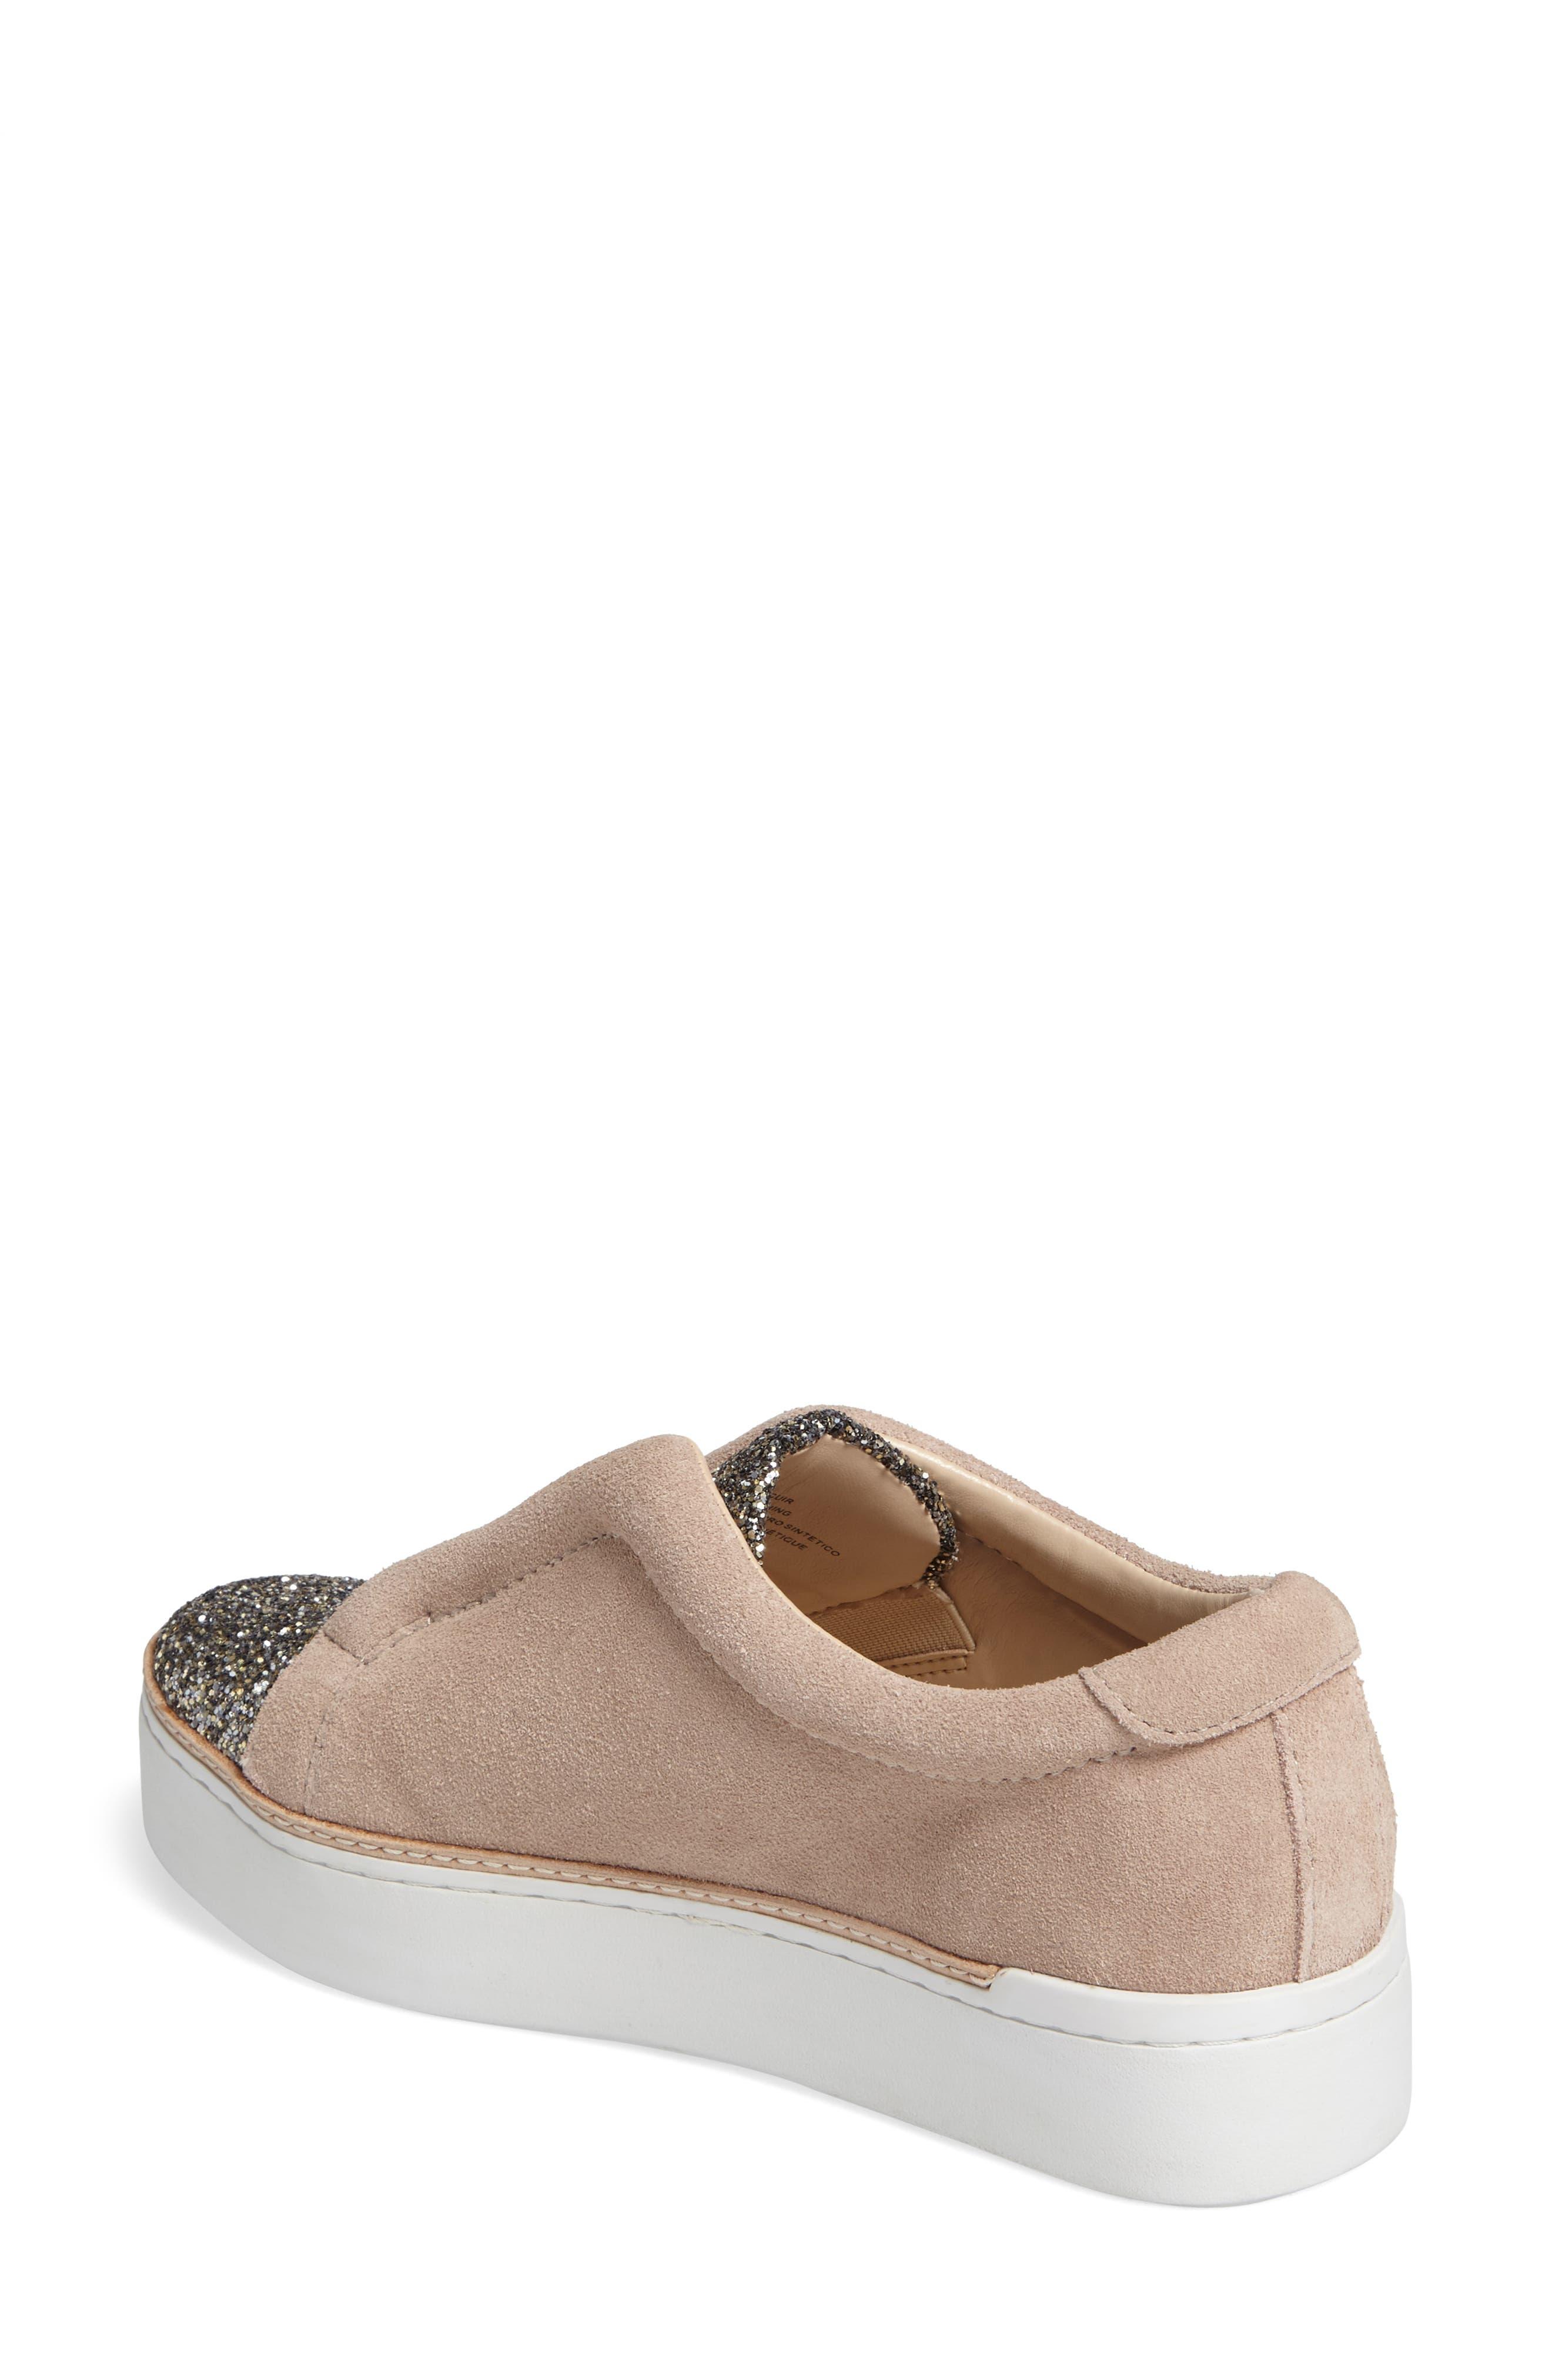 c256c7afac Women s M4D3 Shoes